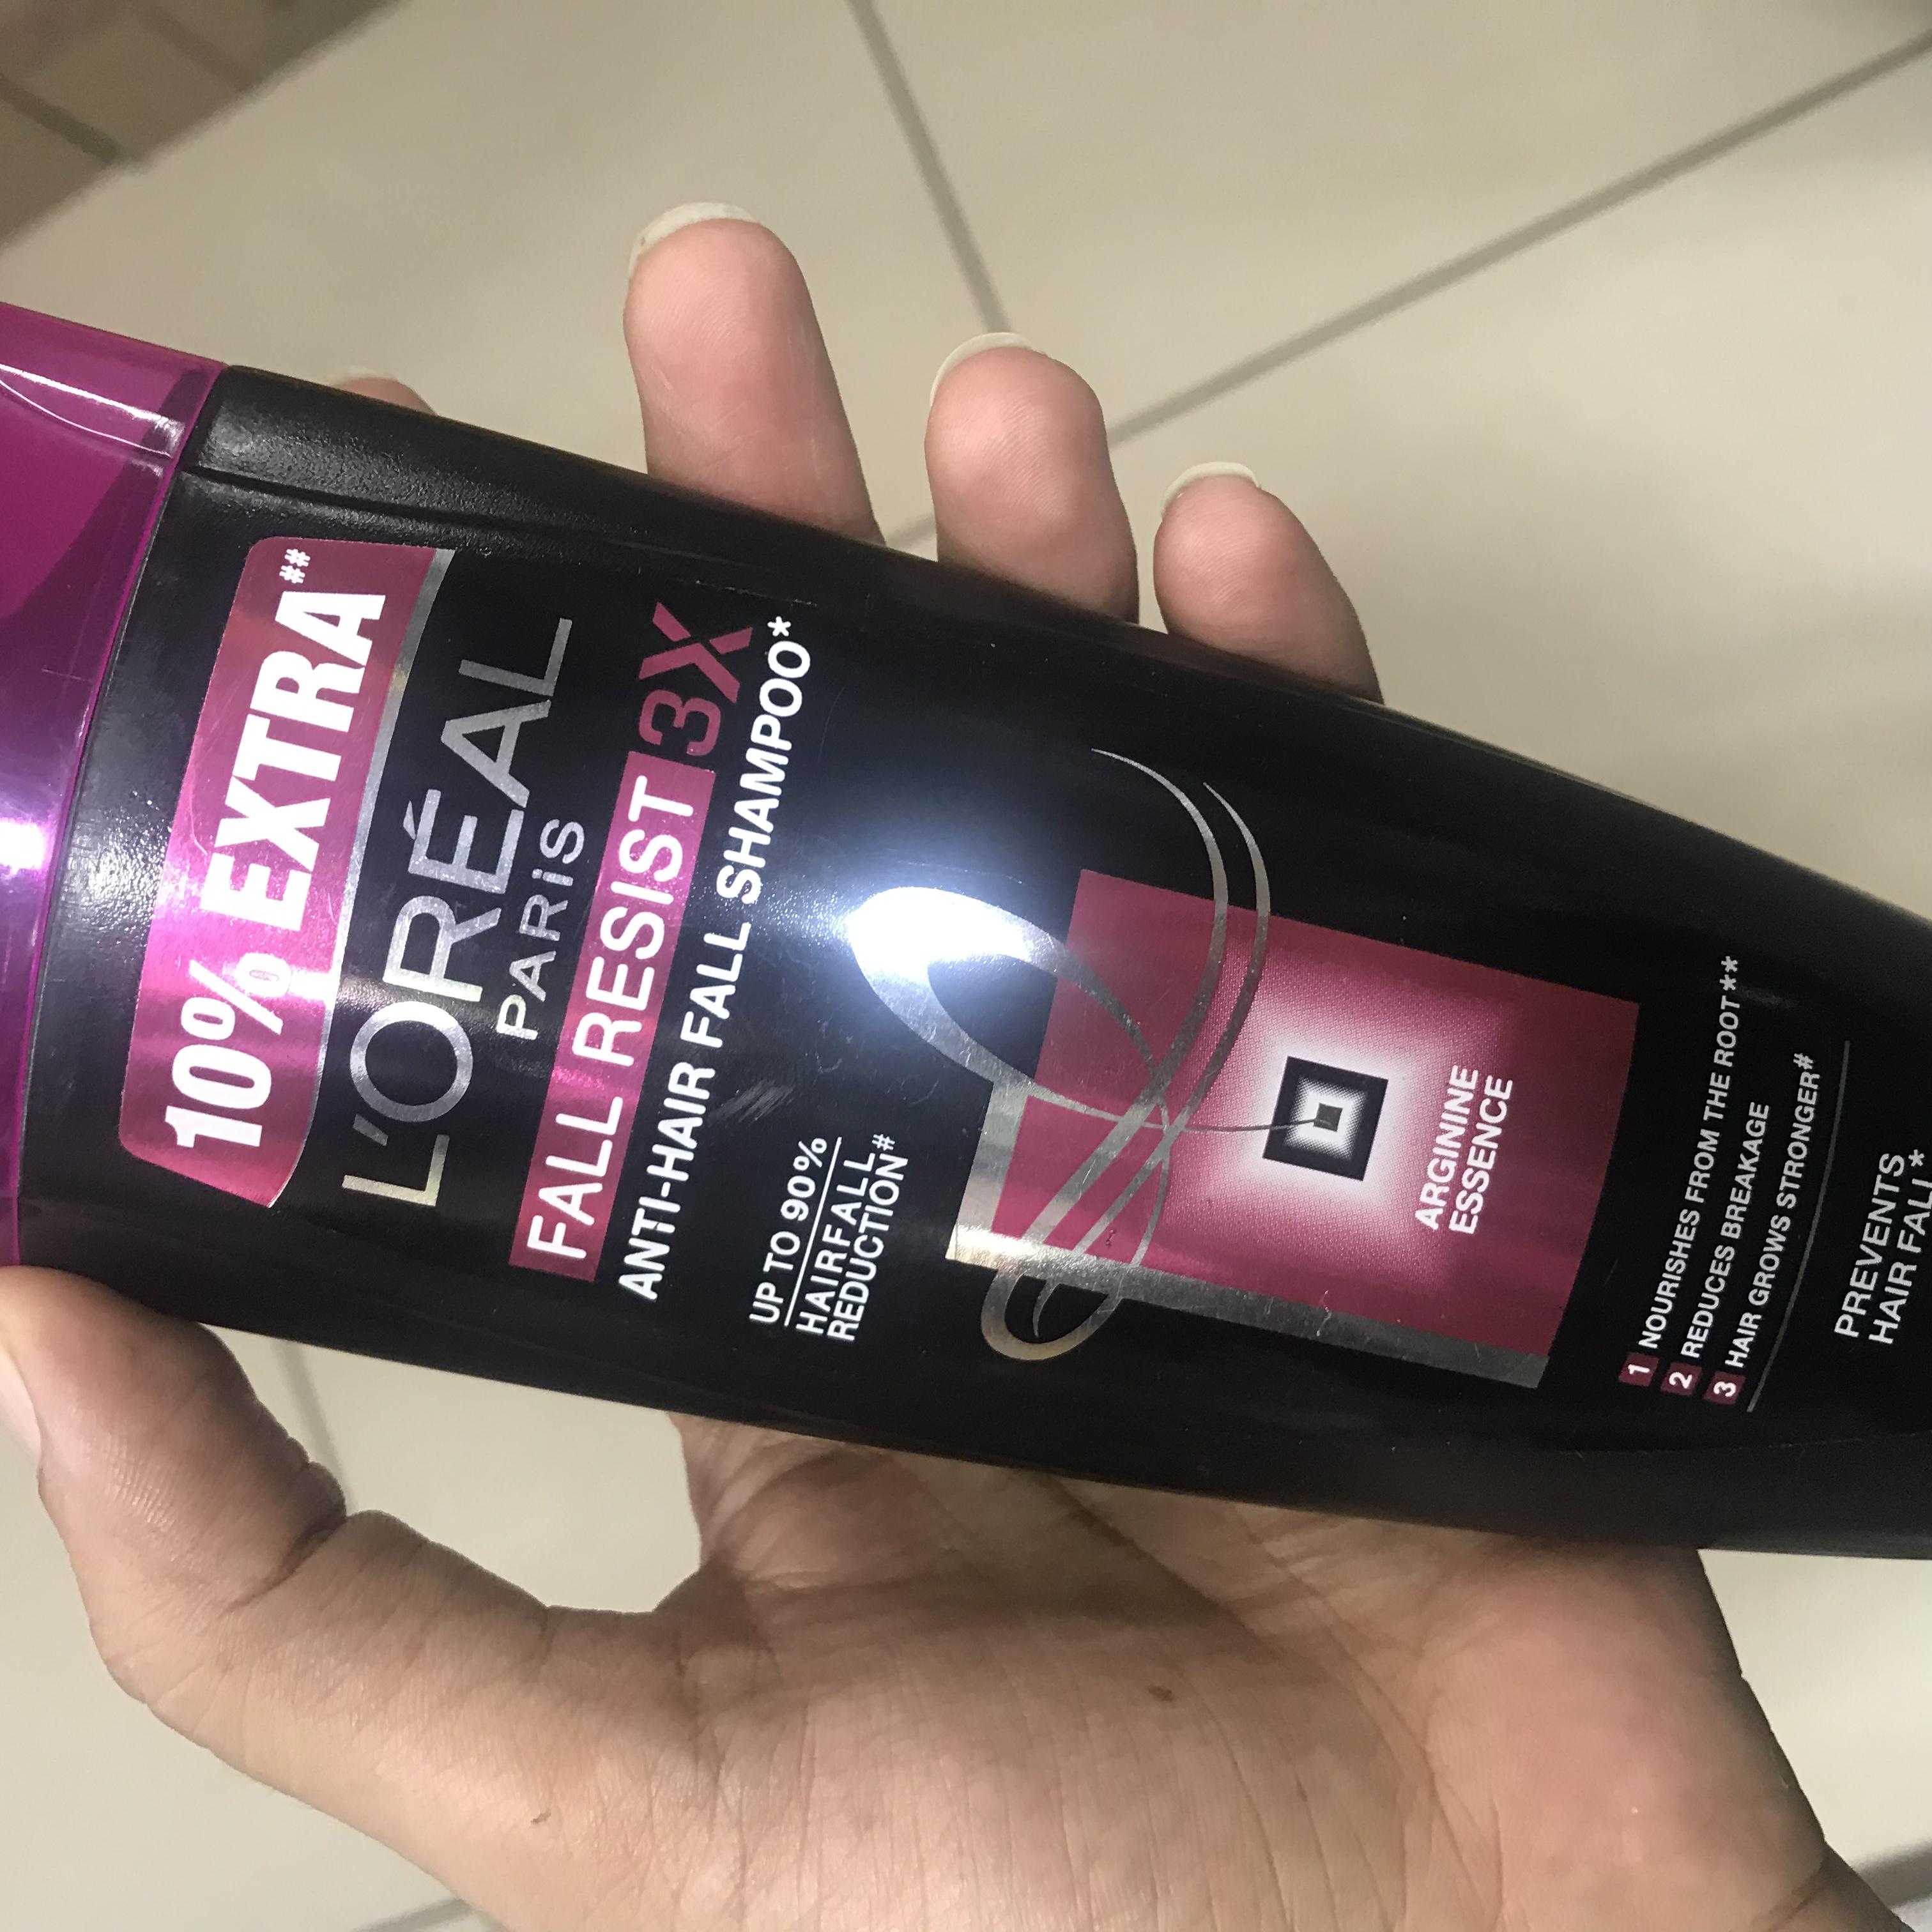 L'Oreal Paris Fall Resist 3x Anti Hair Fall Shampoo-Nothing great !-By kiranbir_